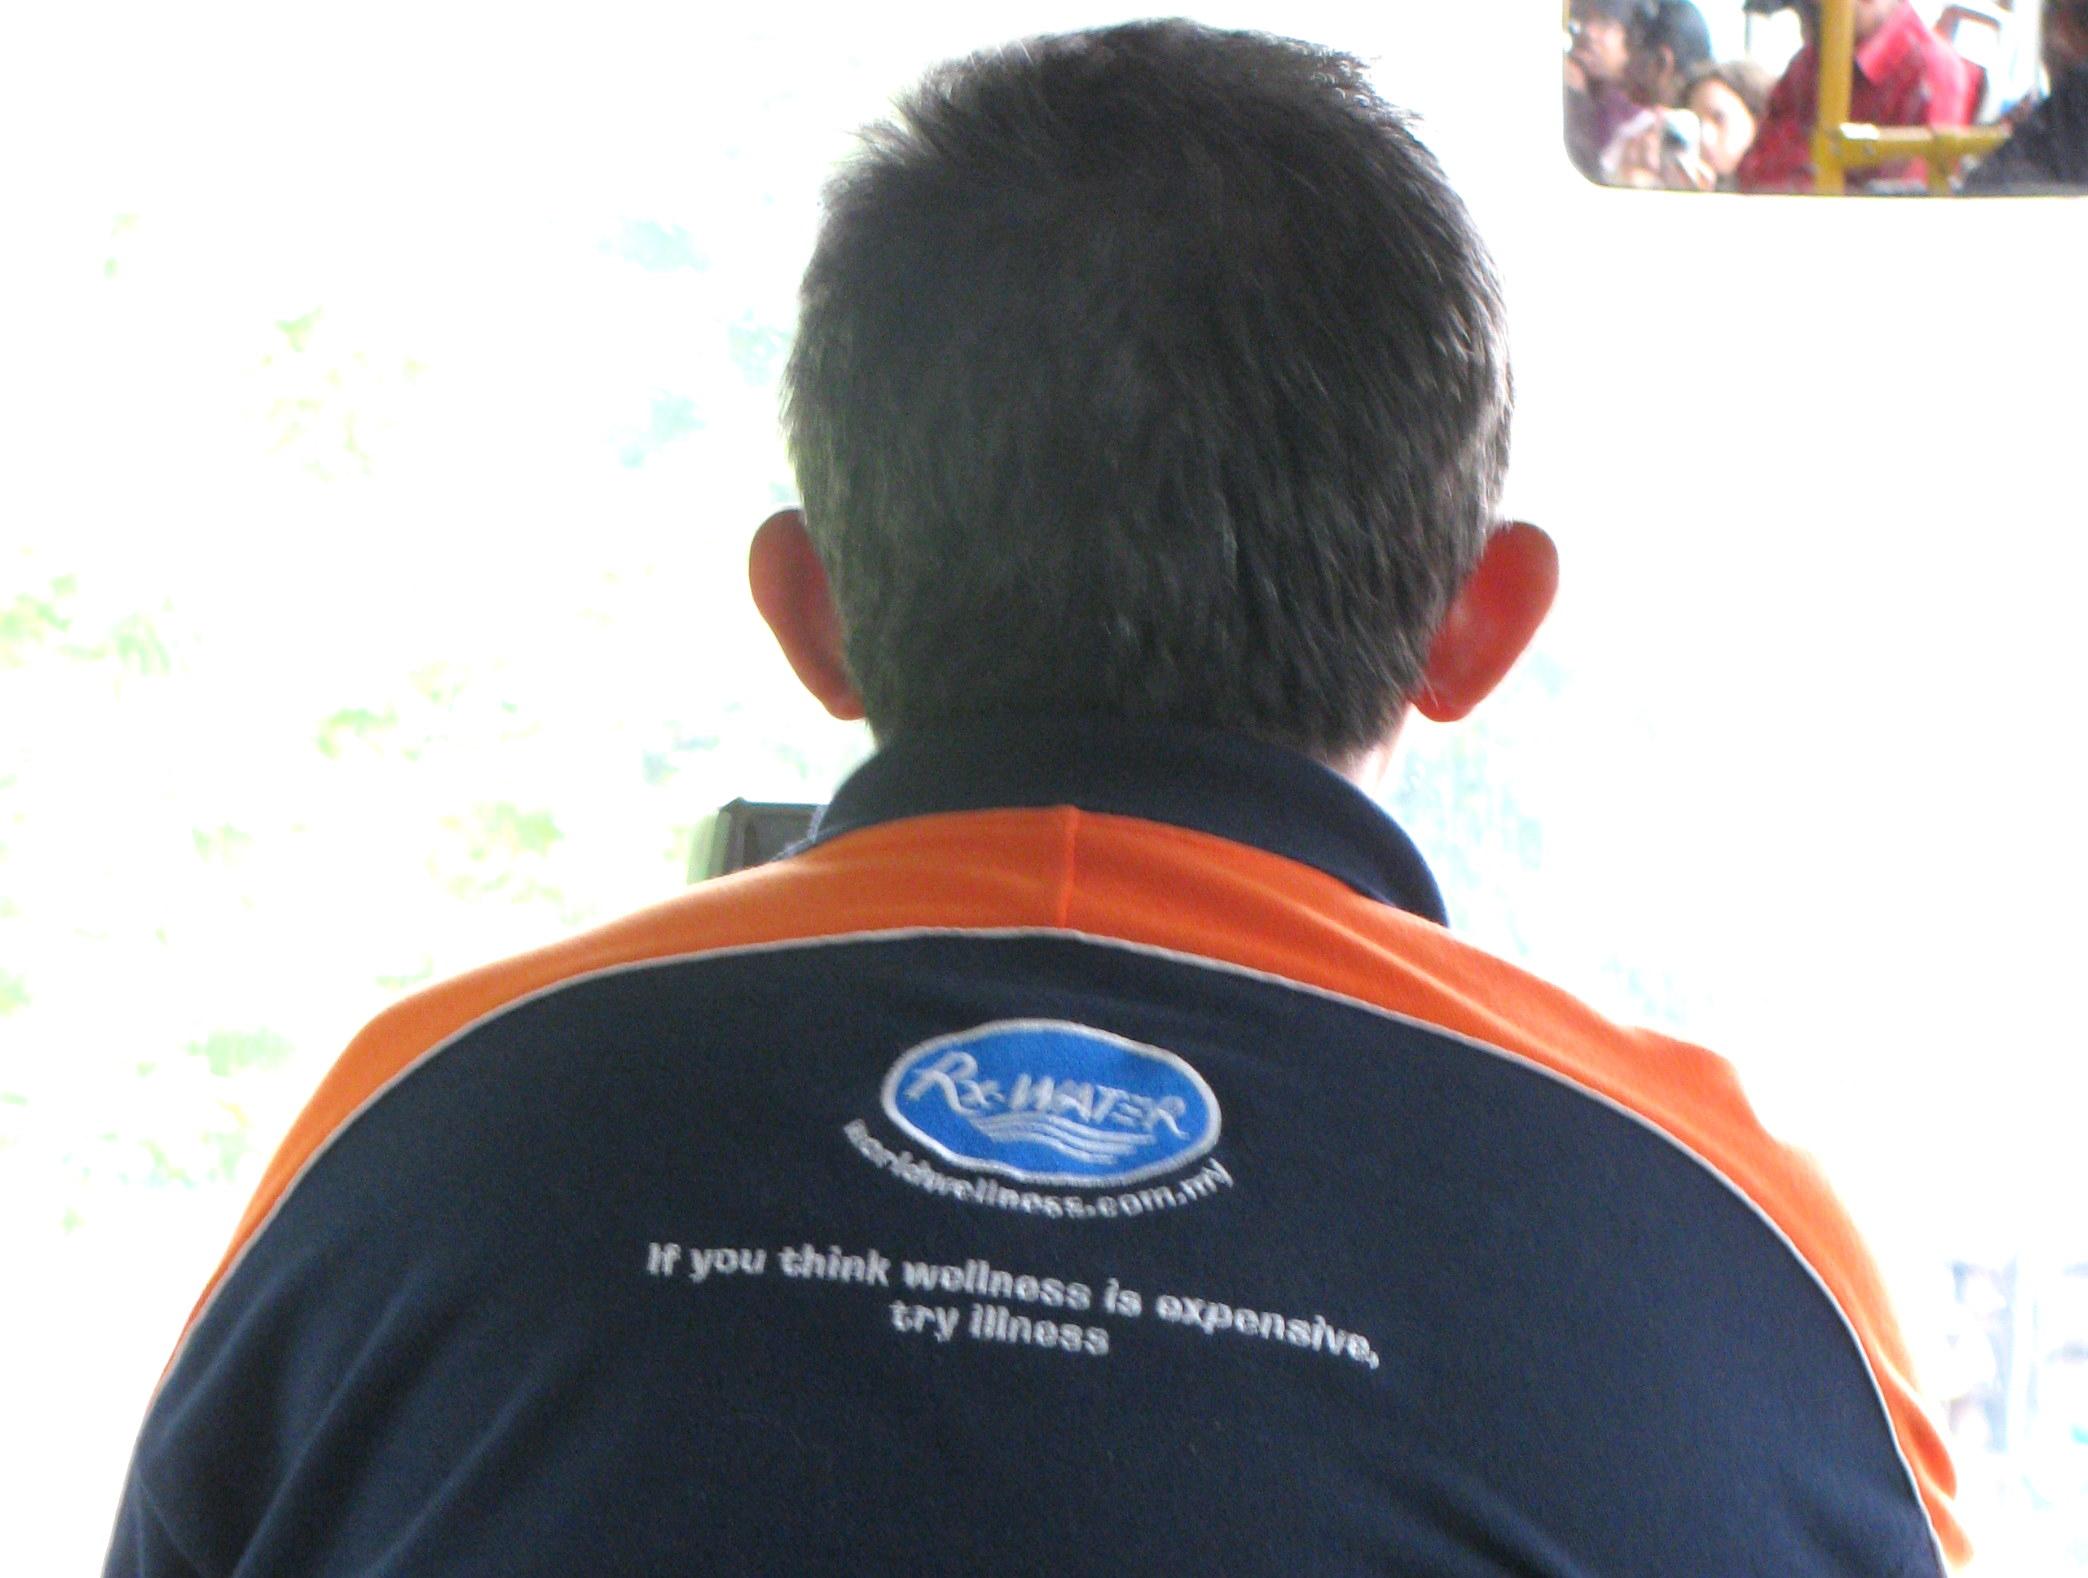 Rx-Water promotional jacket, Kuala Lumpur, Malaysia